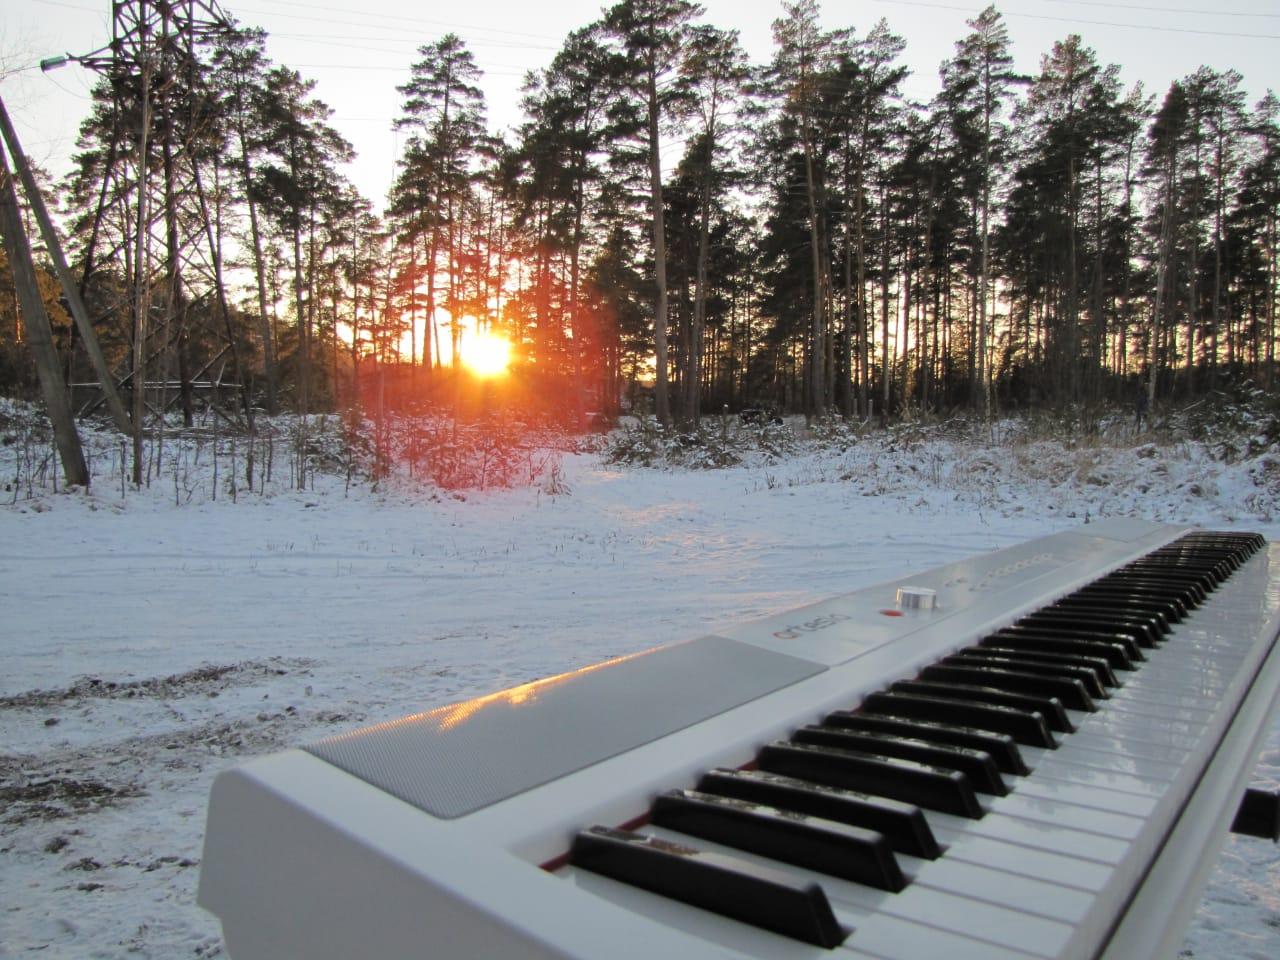 Солнце заставило музыканта из Тверской области поменять песню